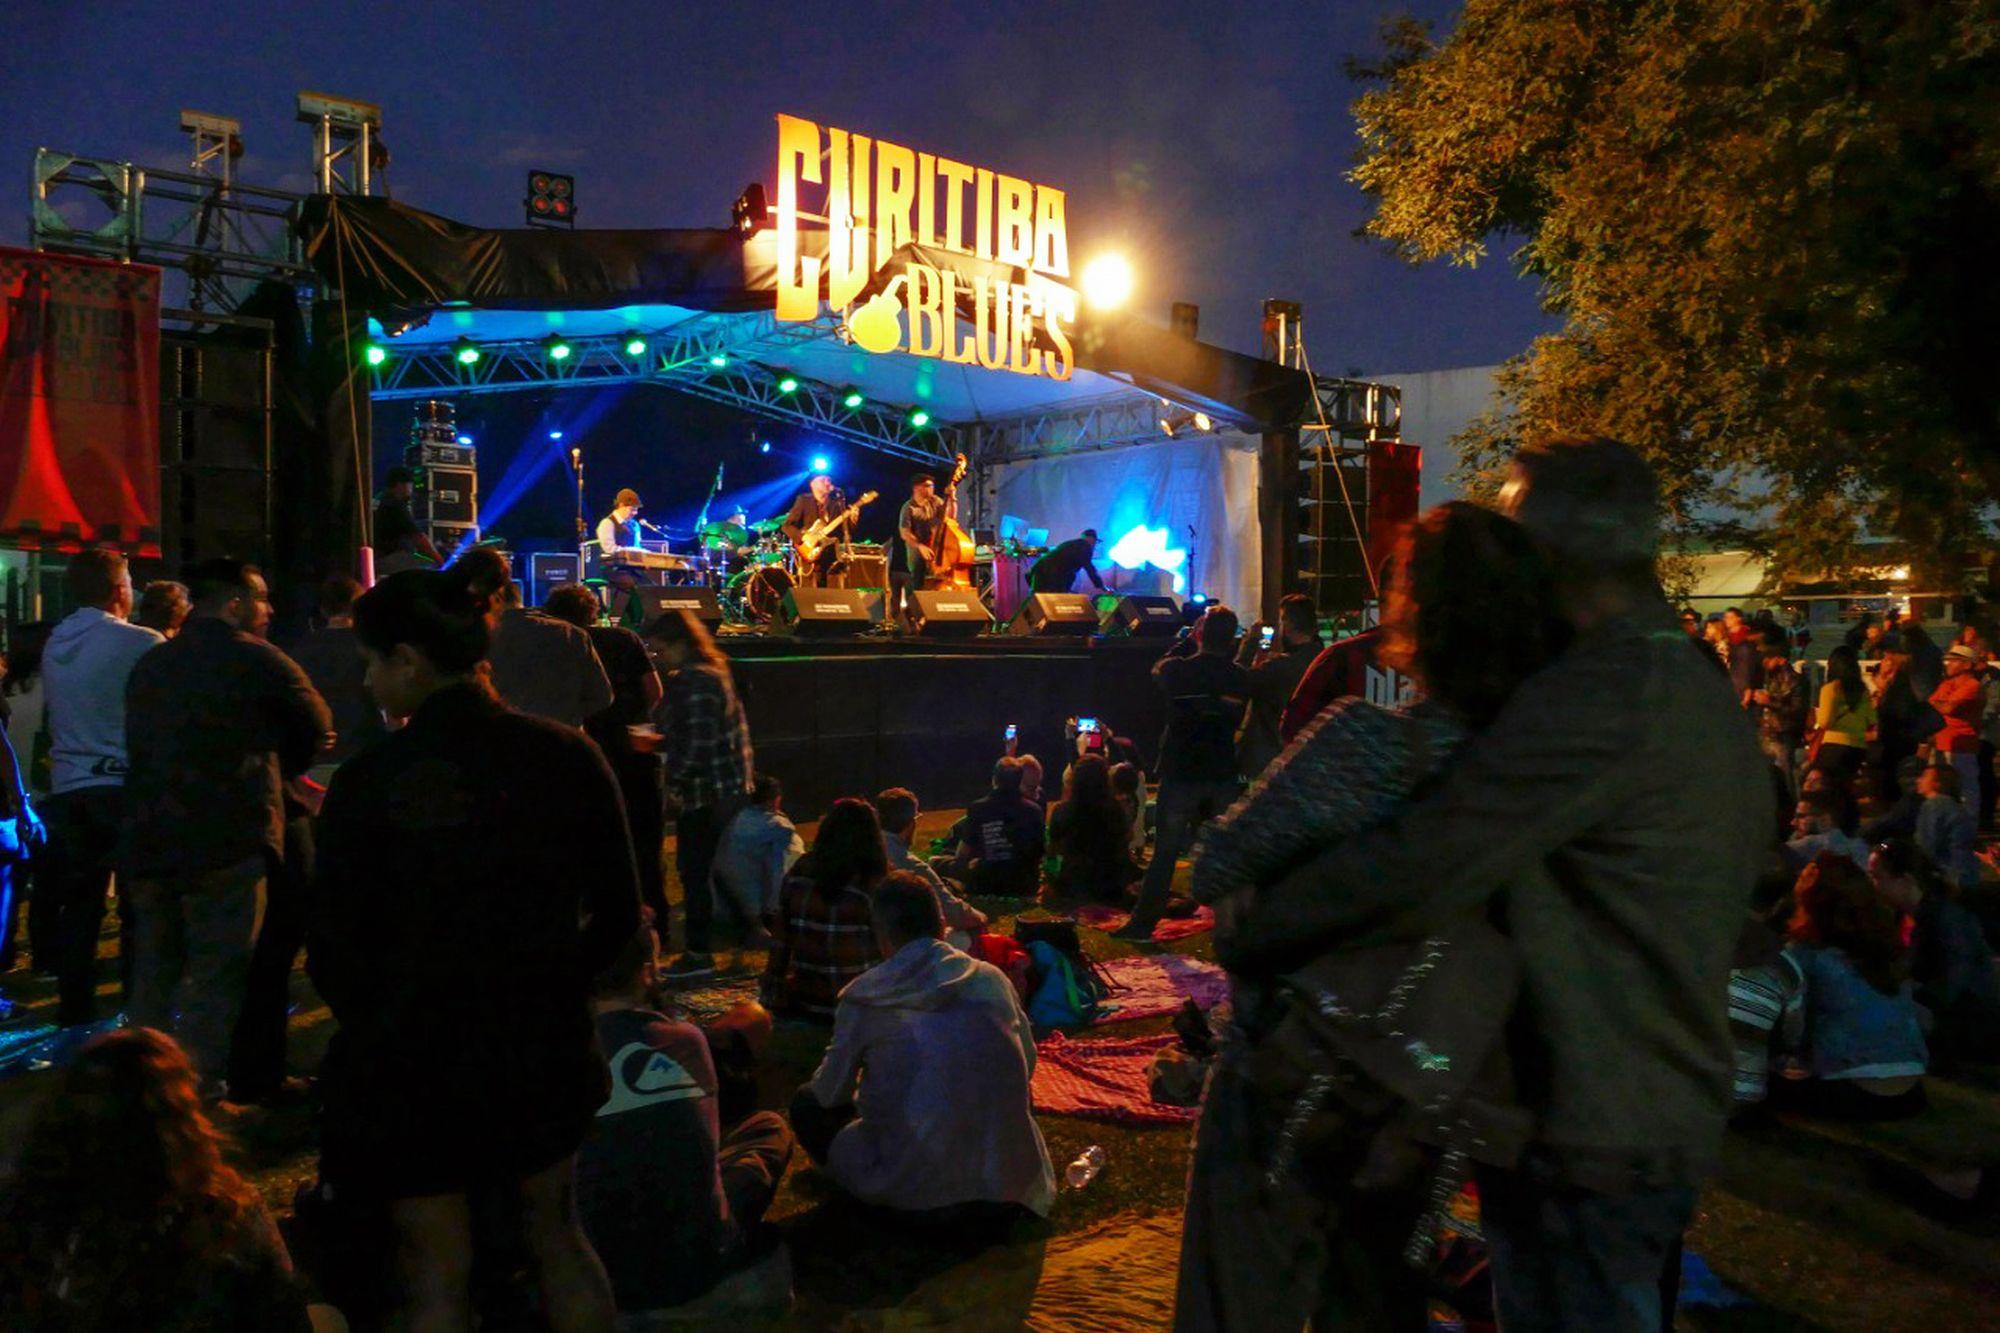 Festival de blues terá música ao vivo, gastronomia e 50 torneiras de chopp